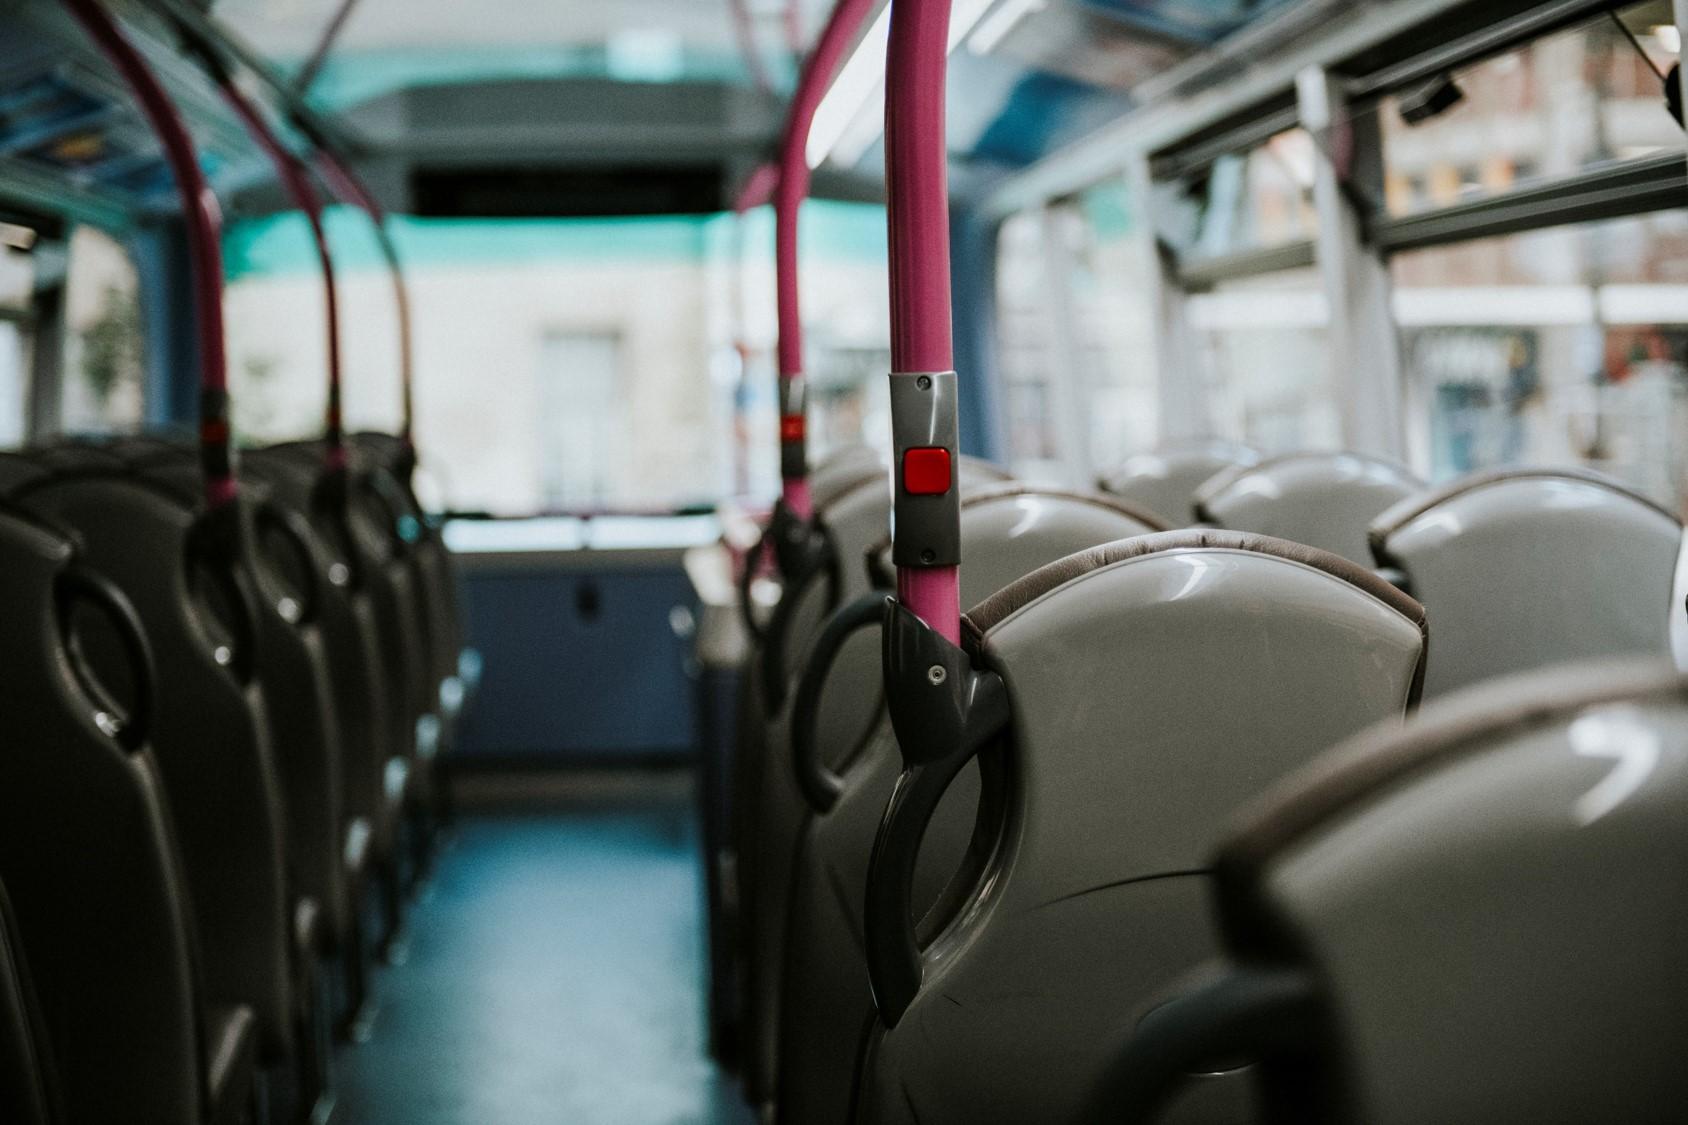 Mołdawia: Przetarg na dostawę autobusów dla Kiszyniowa